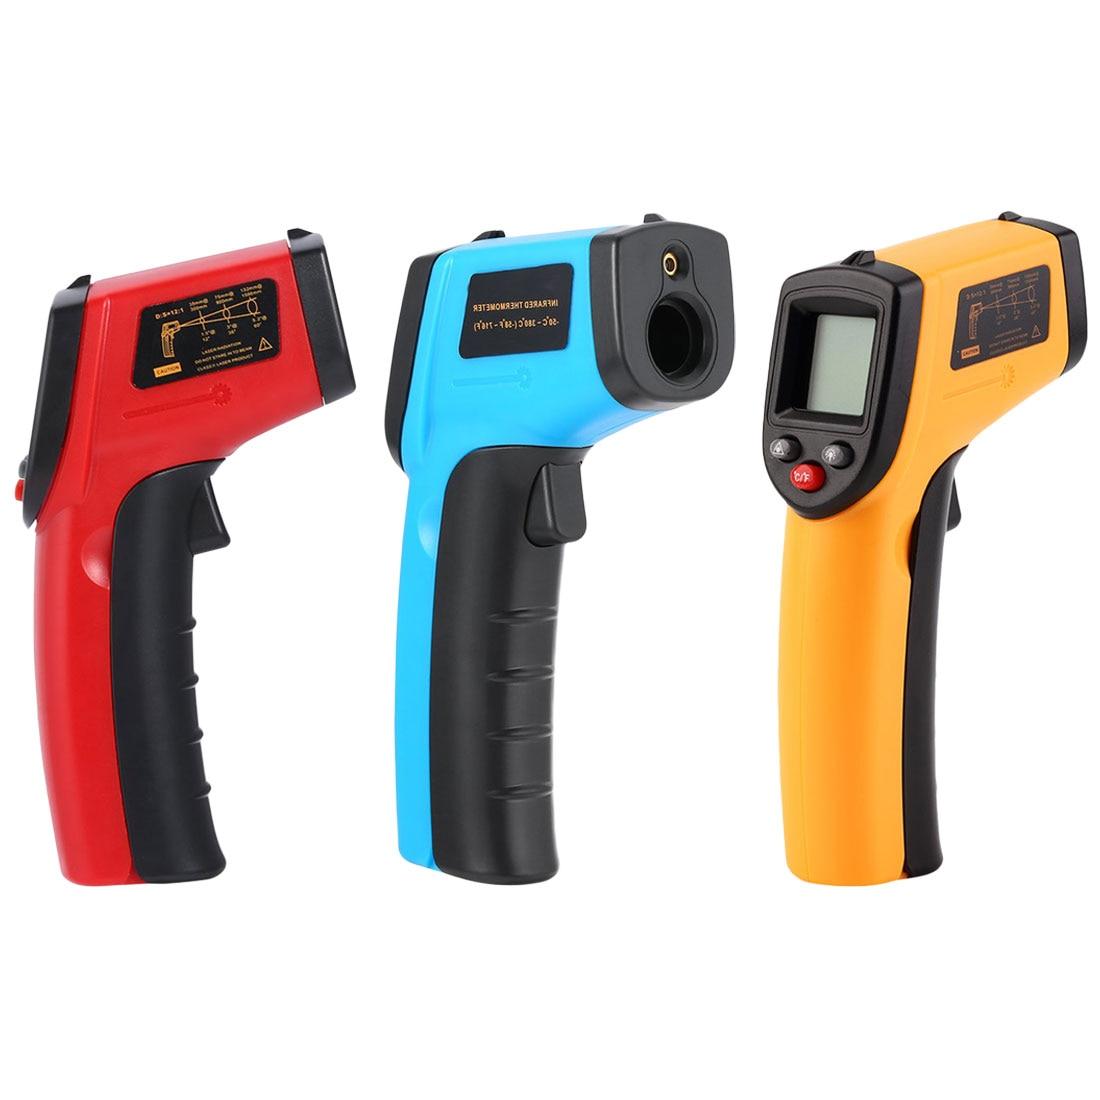 Цифровой пирометр ИК лазерный измеритель температуры пистолет 50 ~ 380C GM320 инфракрасный термометр Бесконтактный инфракрасный термометр|Приборы для измерения температуры|   | АлиЭкспресс